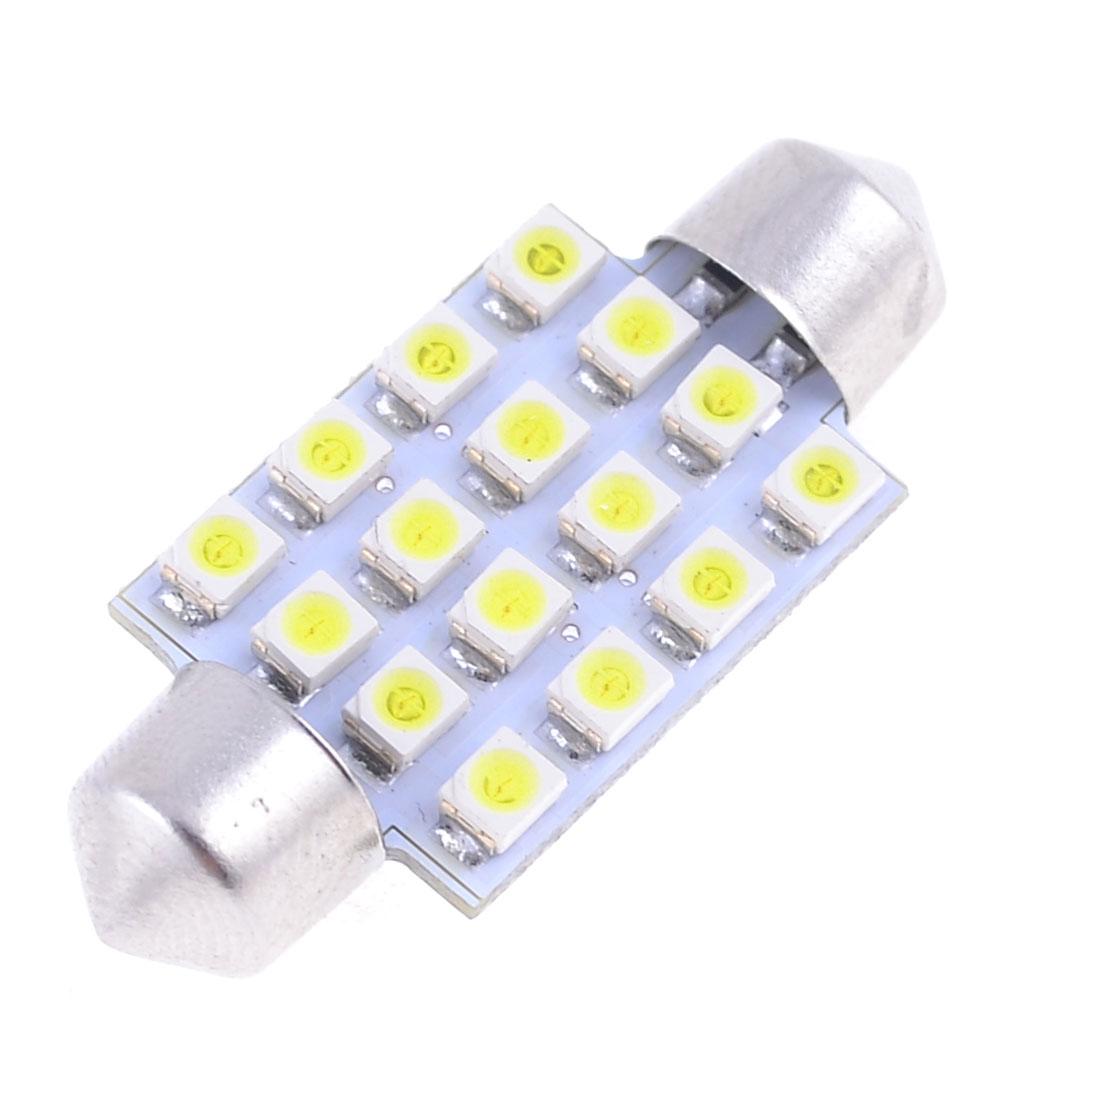 Car 31mm White 3528 1210 16 SMD LED Festoon Dome Light Lamp